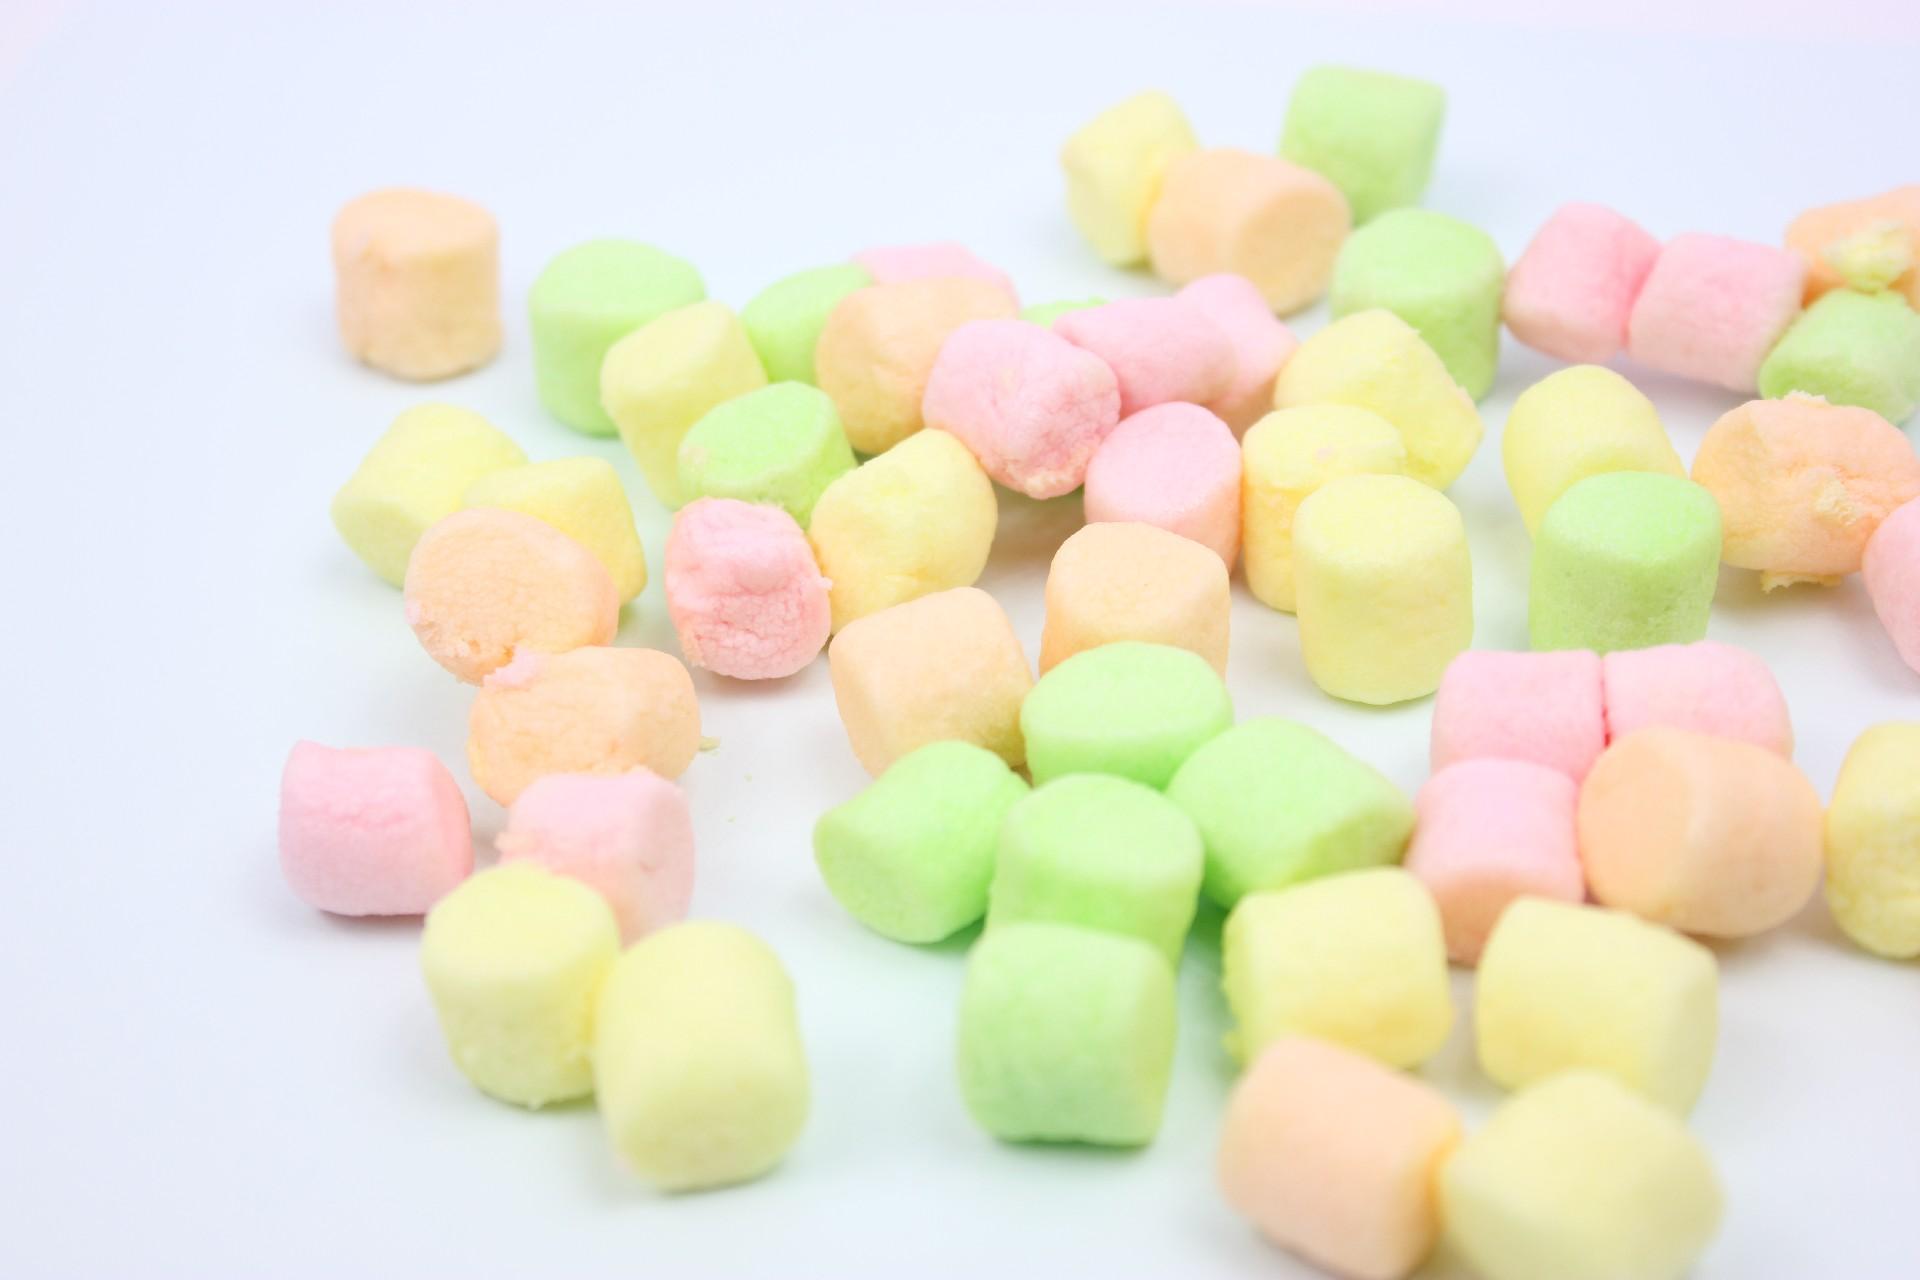 ホワイトデーの定番菓子「マシュマロ」、その起源は古代エジプトにあった!哲舟の「偉人は食から作られる!」 VOL.12